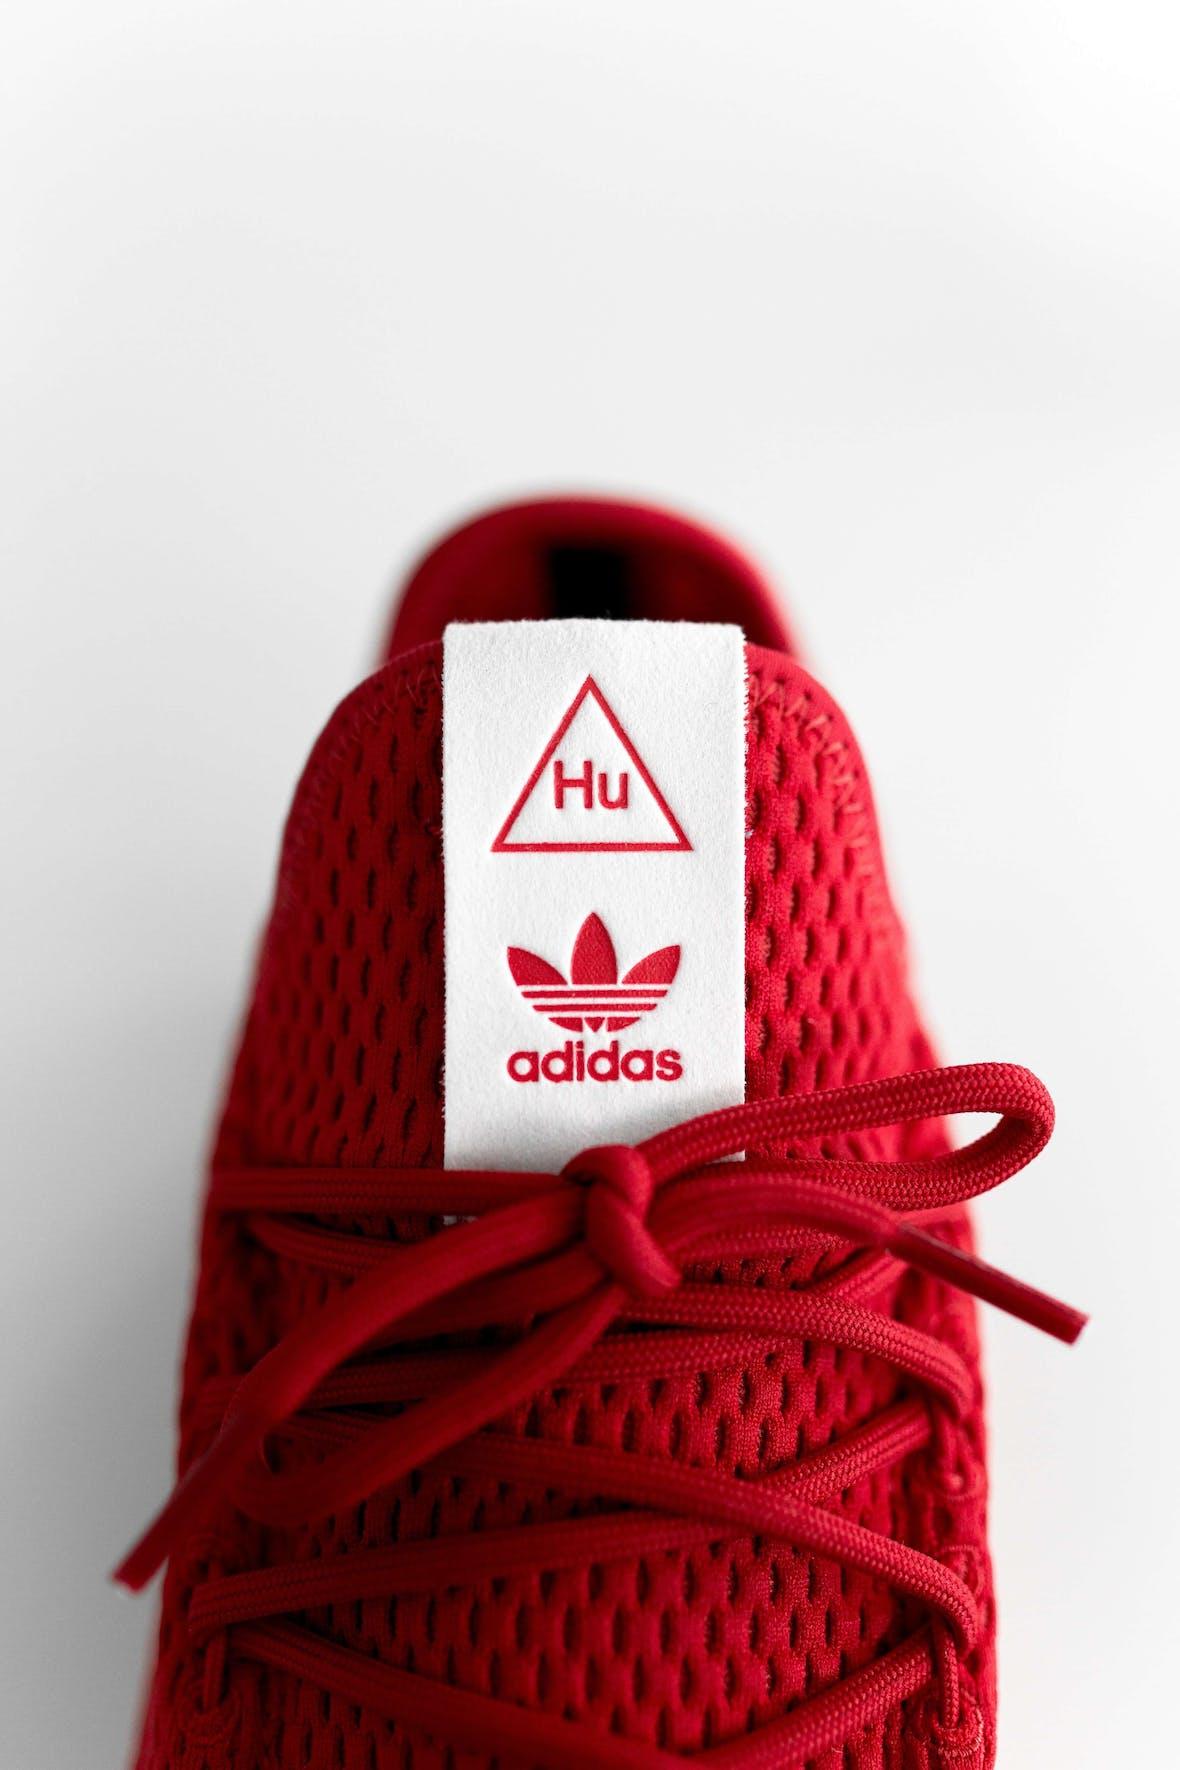 Adidas wächst rasant weiter